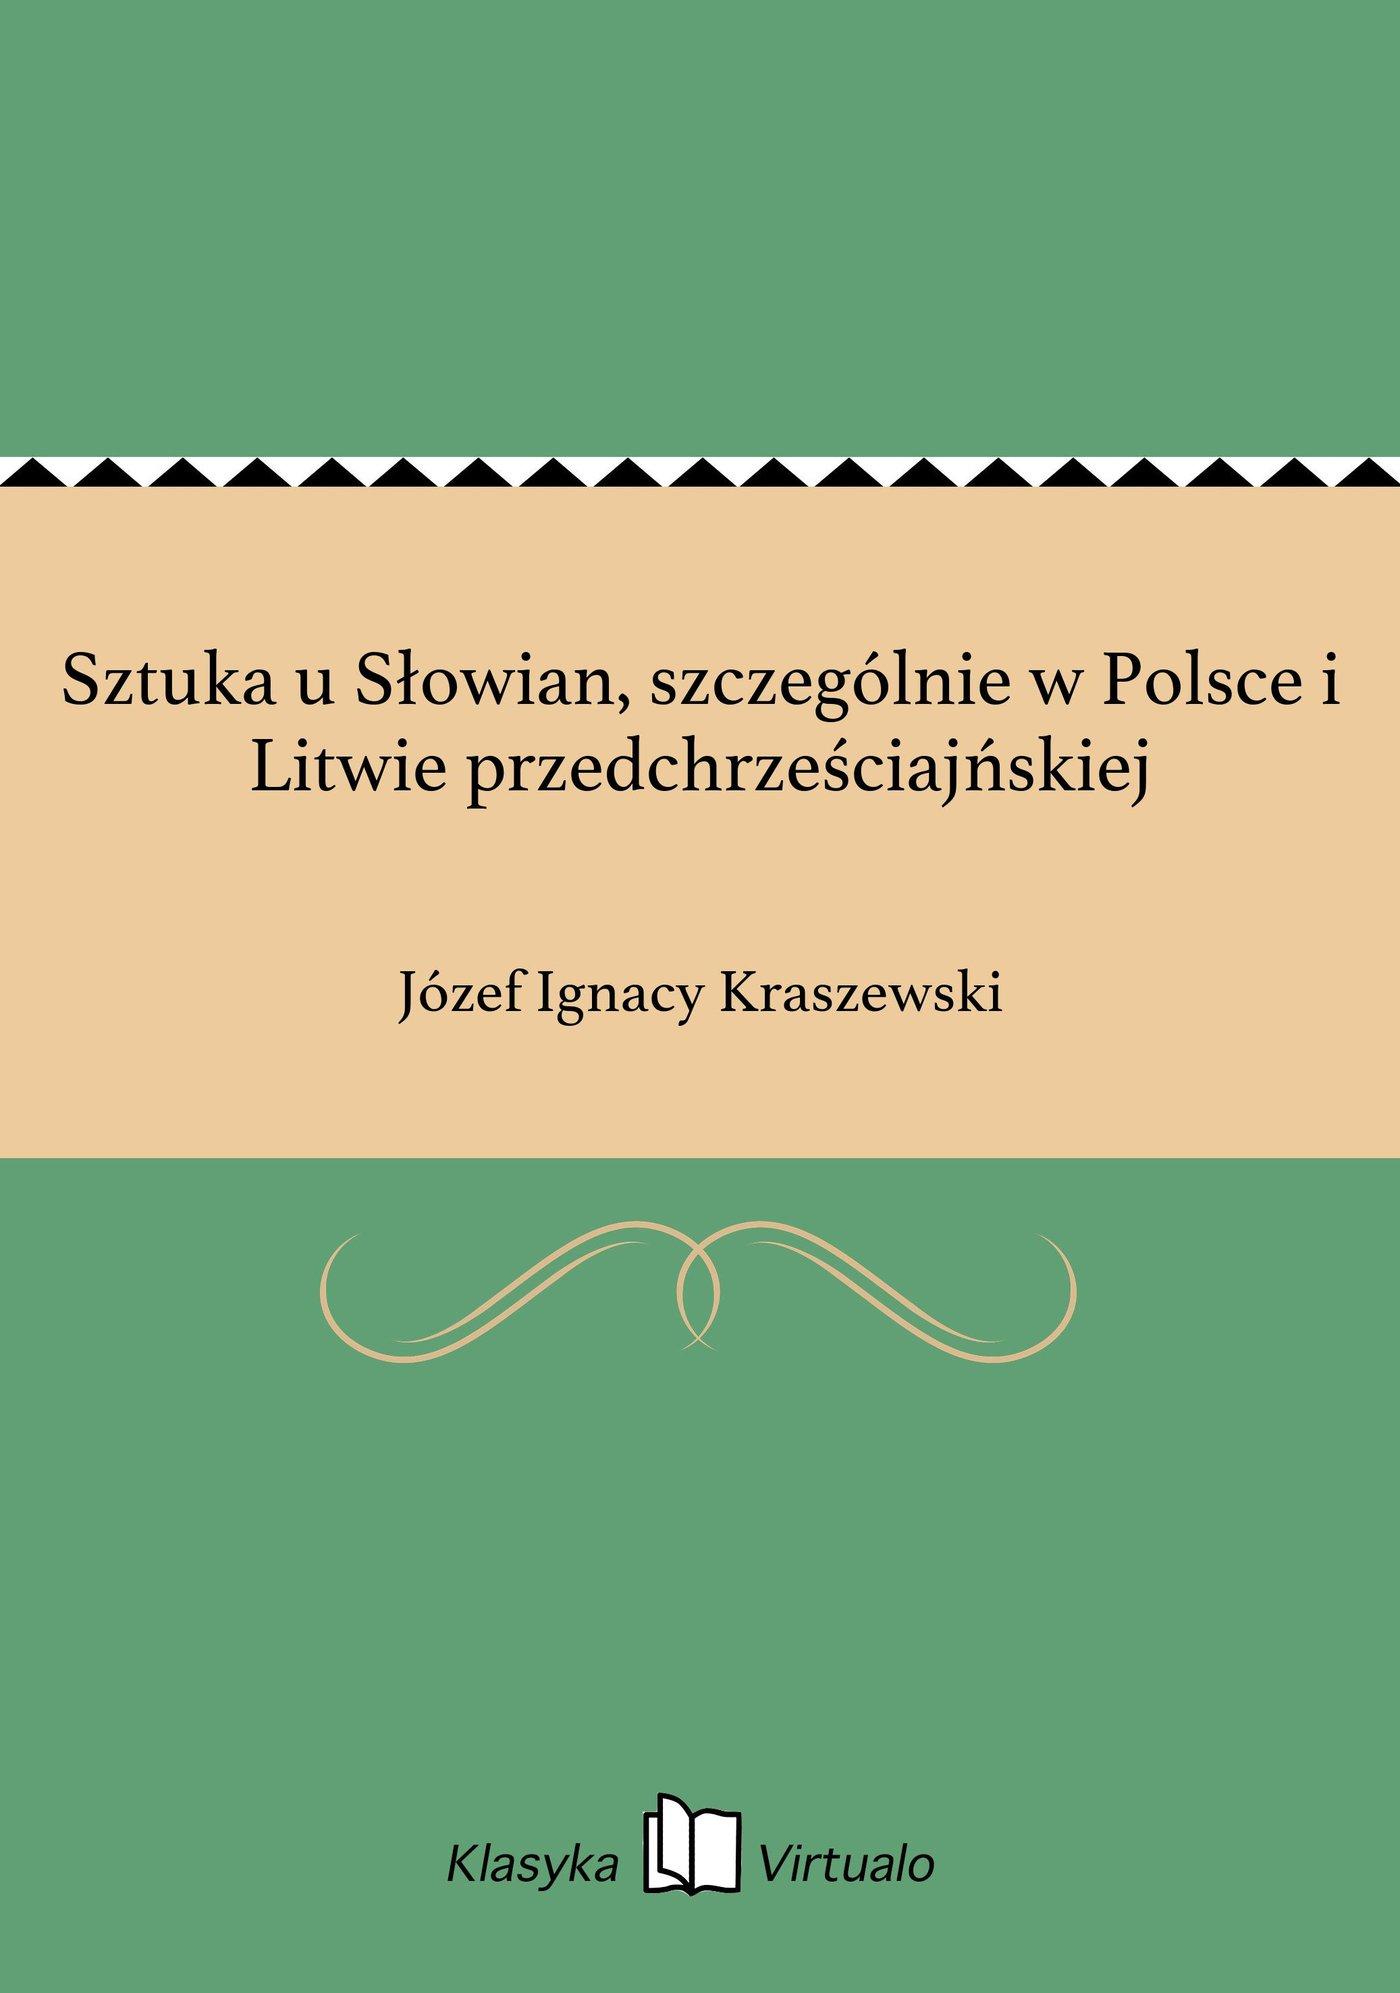 Sztuka u Słowian, szczególnie w Polsce i Litwie przedchrześciajńskiej - Ebook (Książka EPUB) do pobrania w formacie EPUB